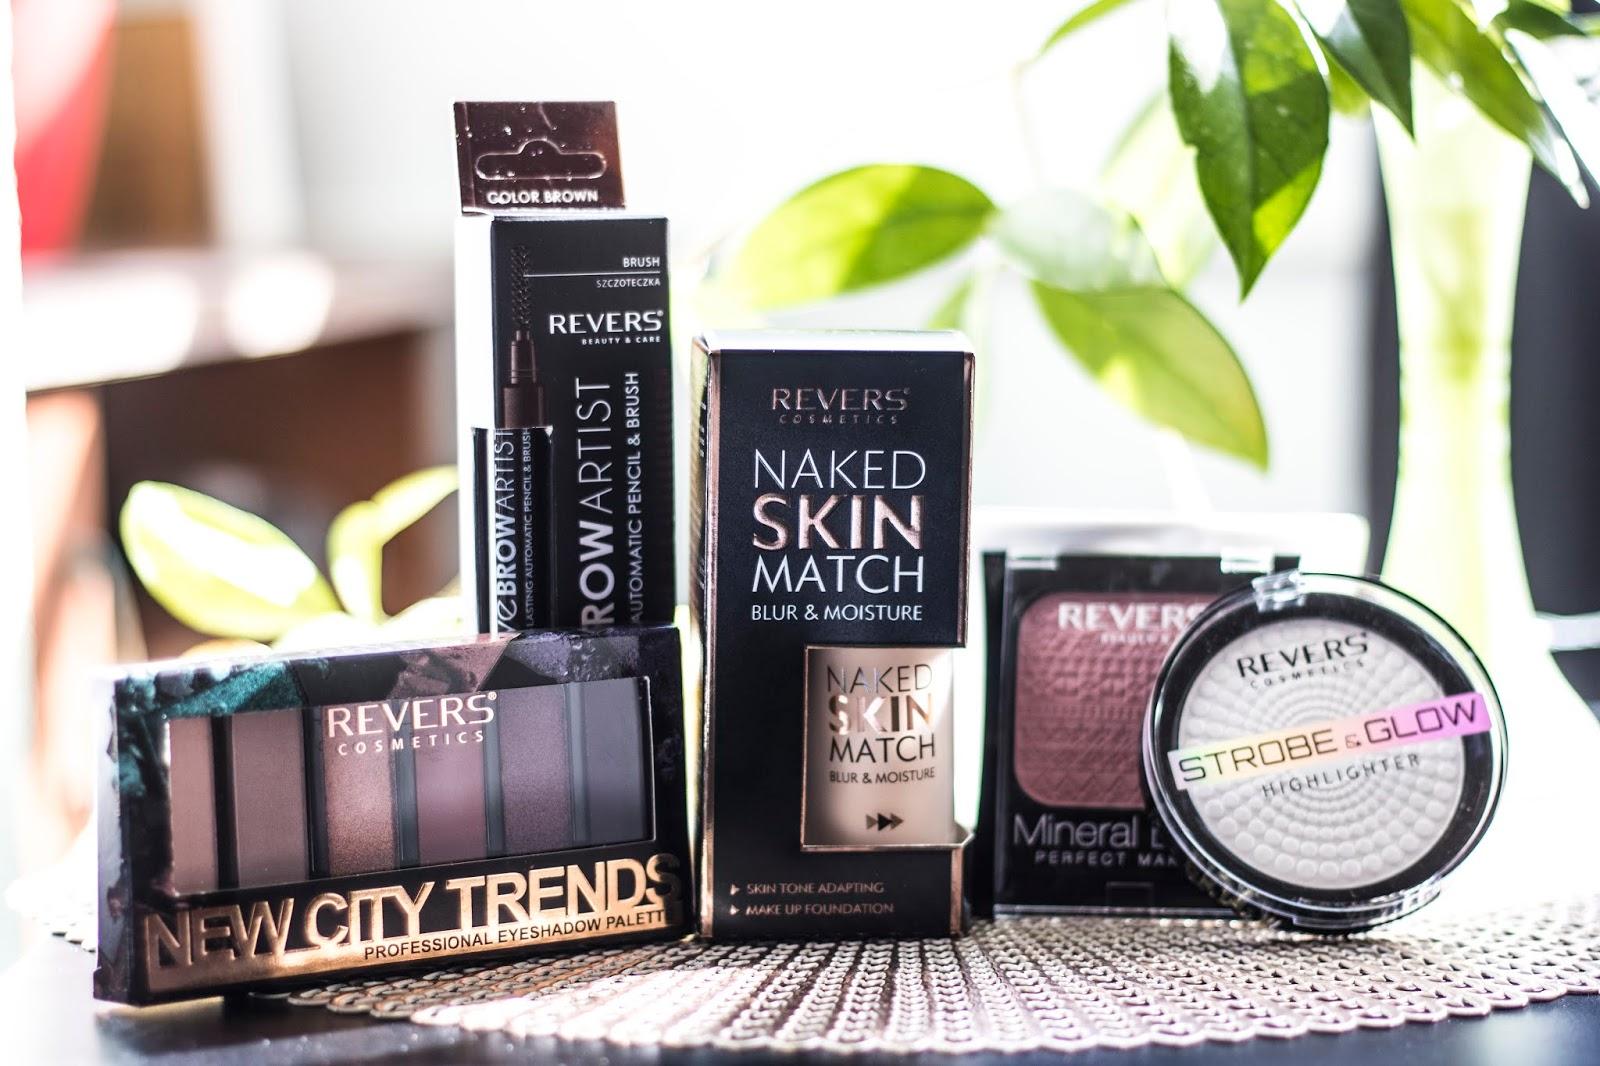 Kosmetyki Revers - sprawdźmy jak się spisują!